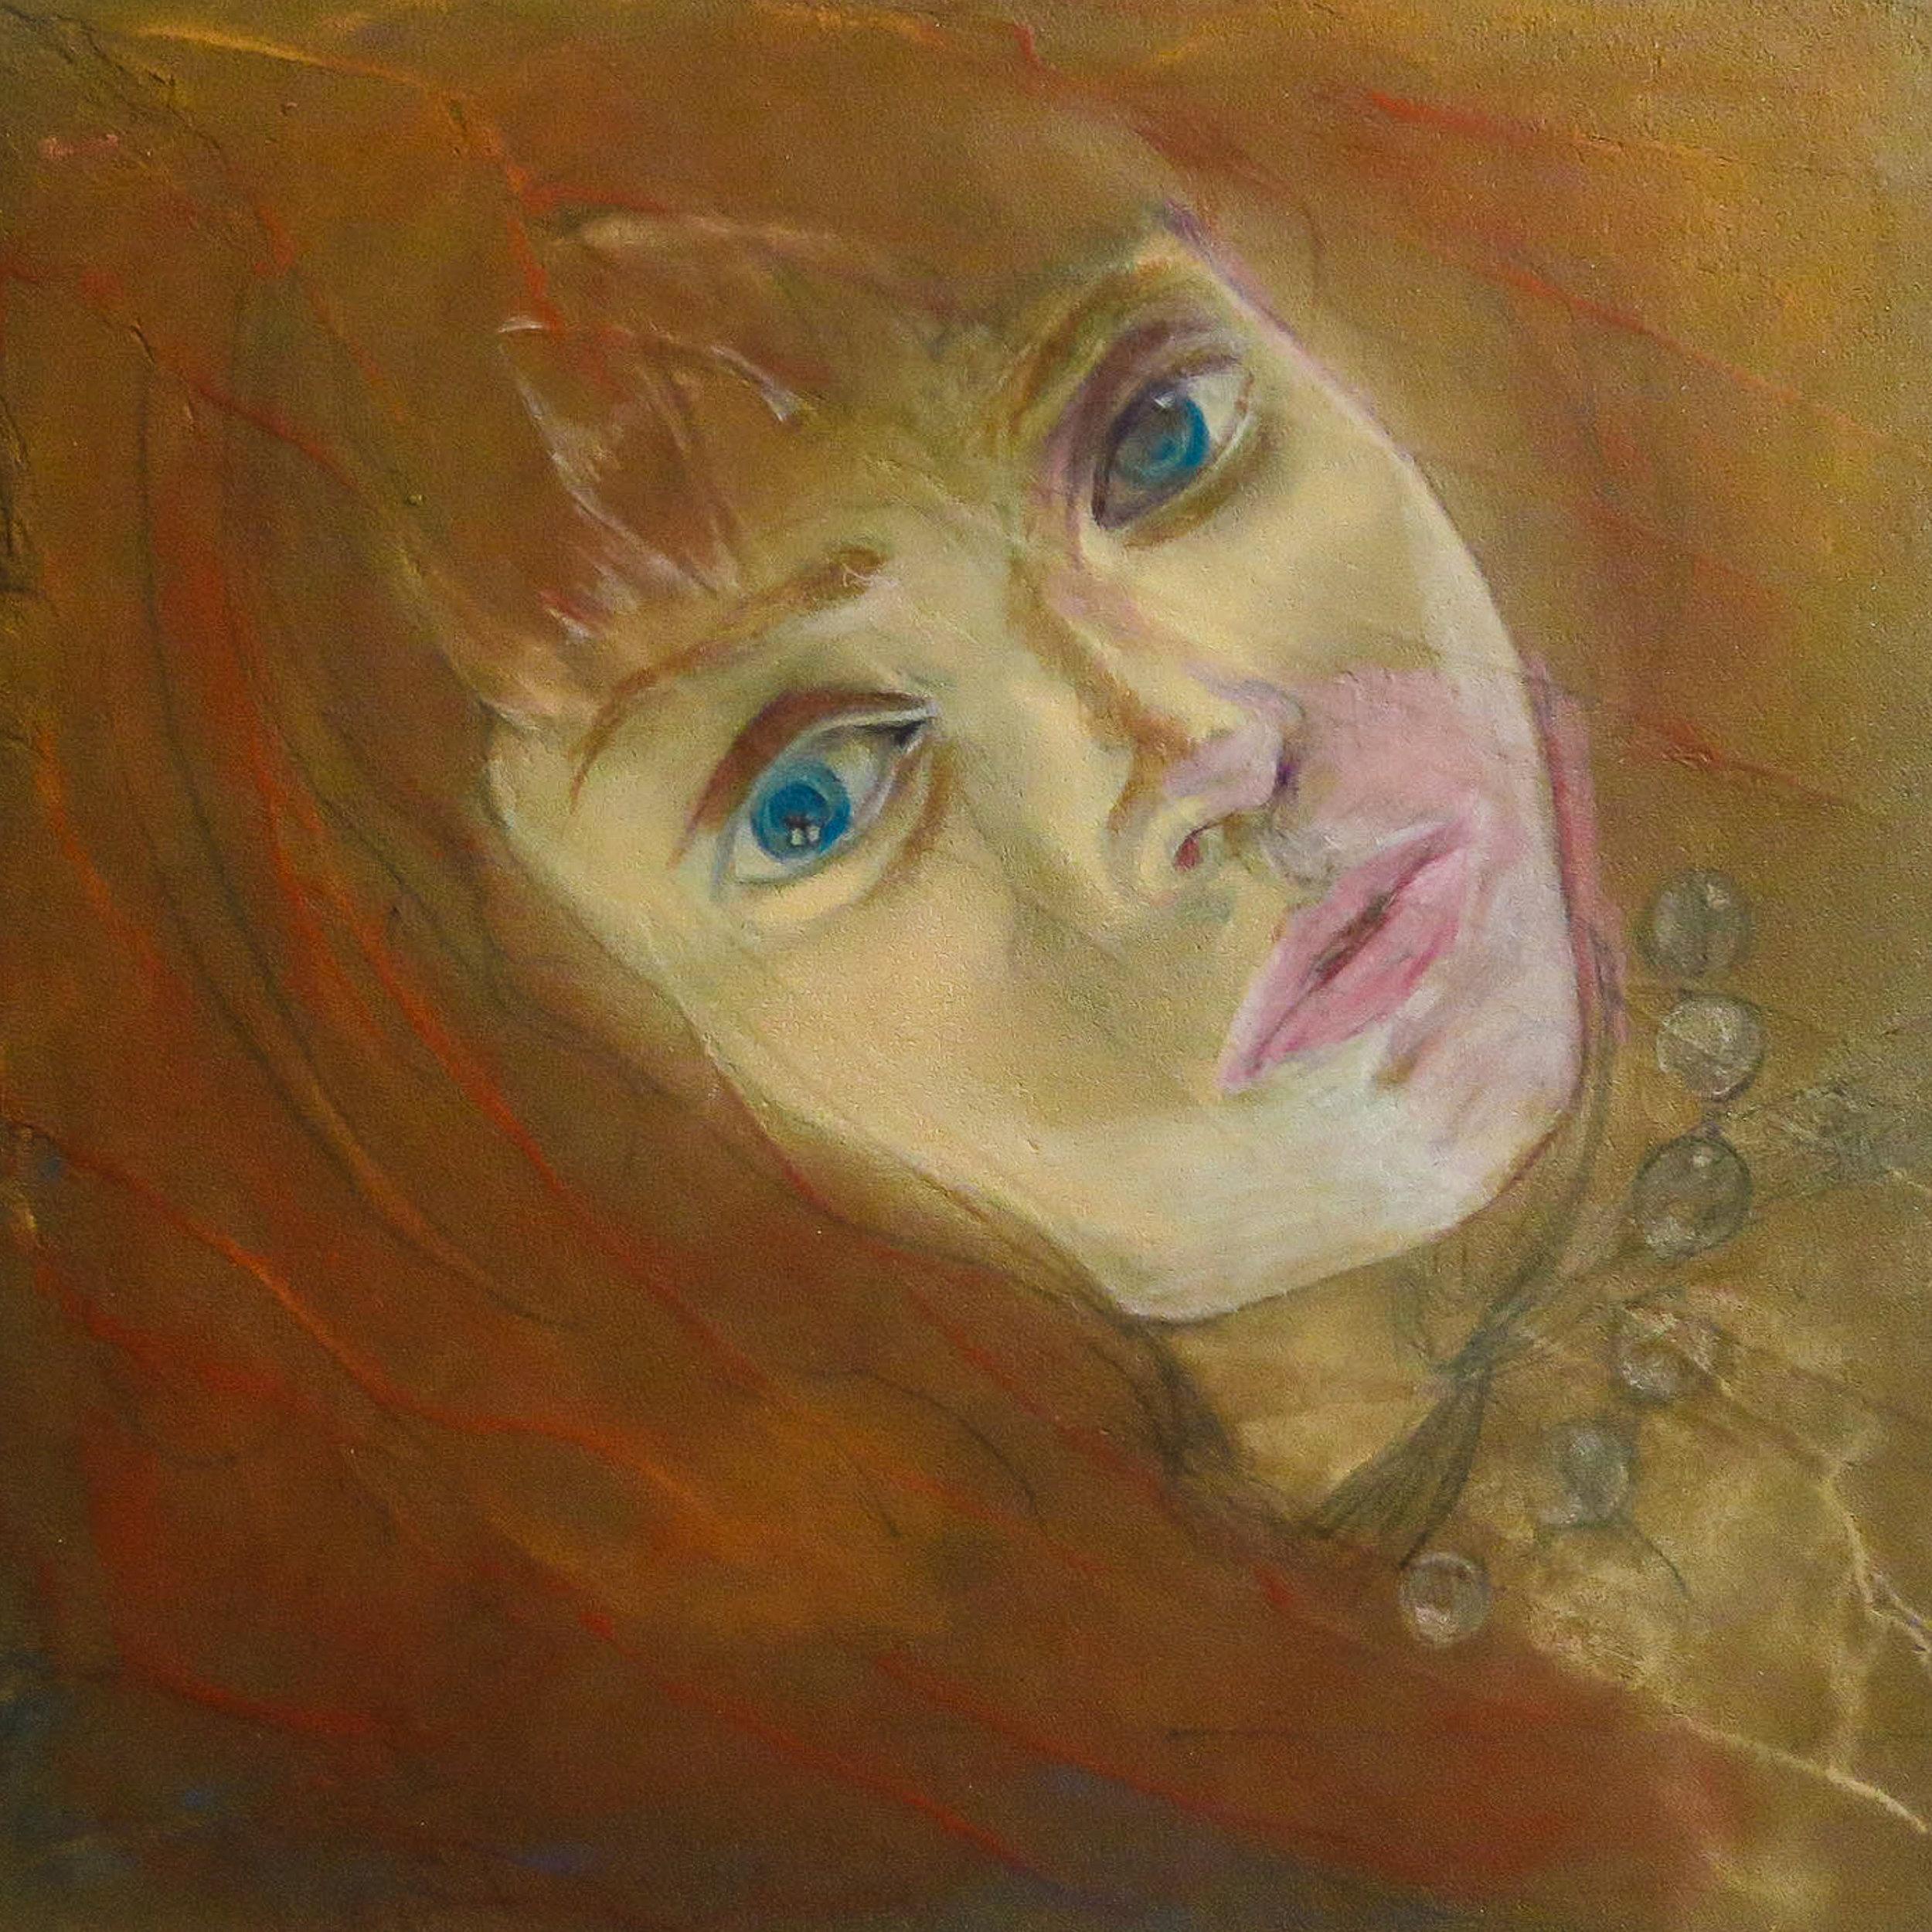 Blue eyes & orange hair